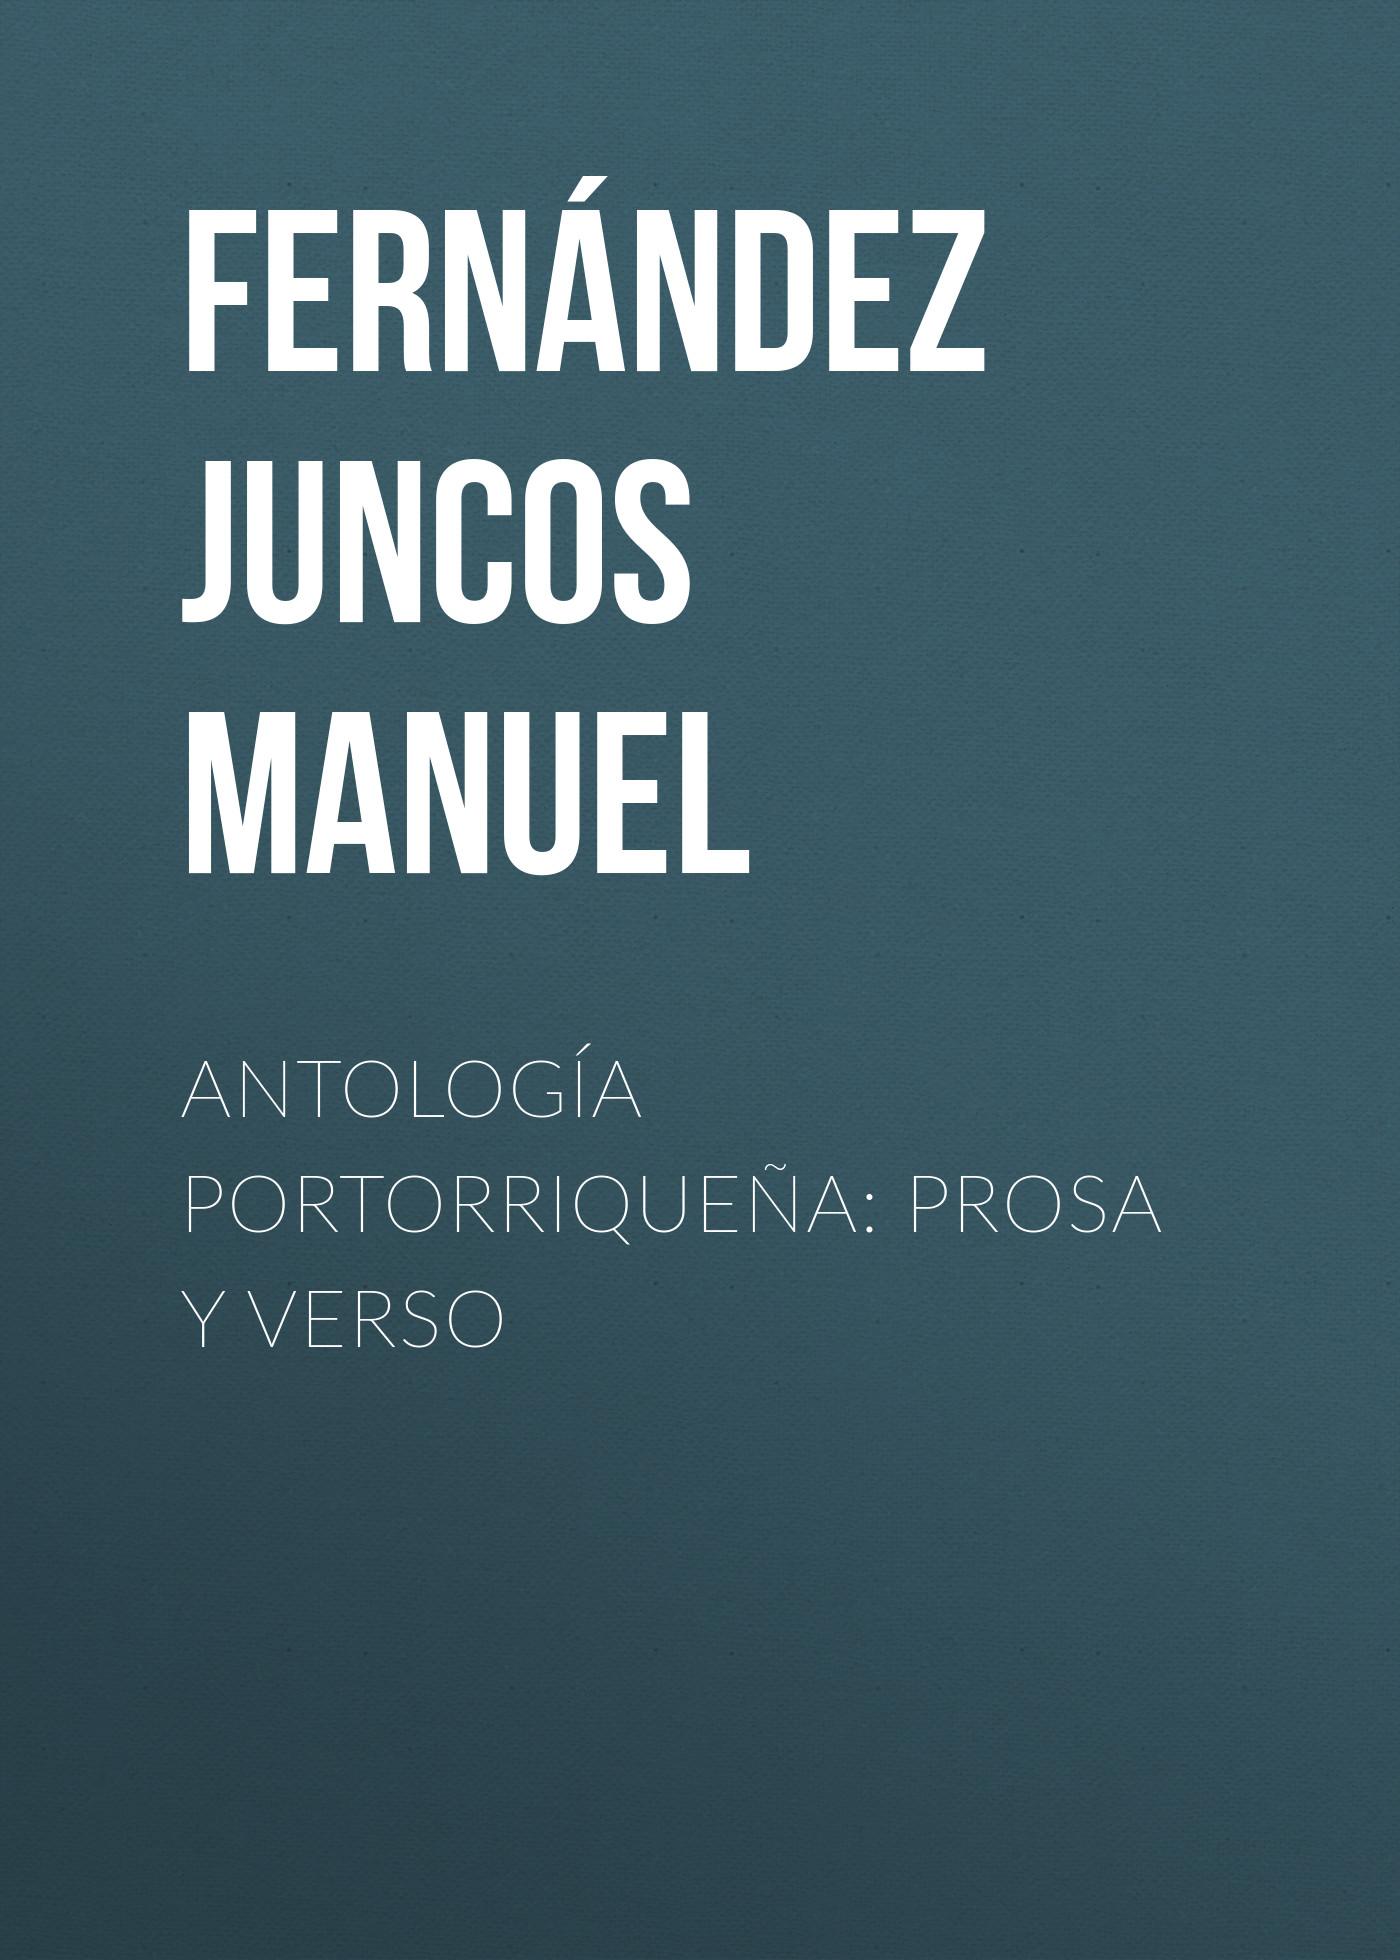 Fernández Juncos Manuel Antología portorriqueña: Prosa y verso fernández y gonzález manuel los hermanos plantagenet